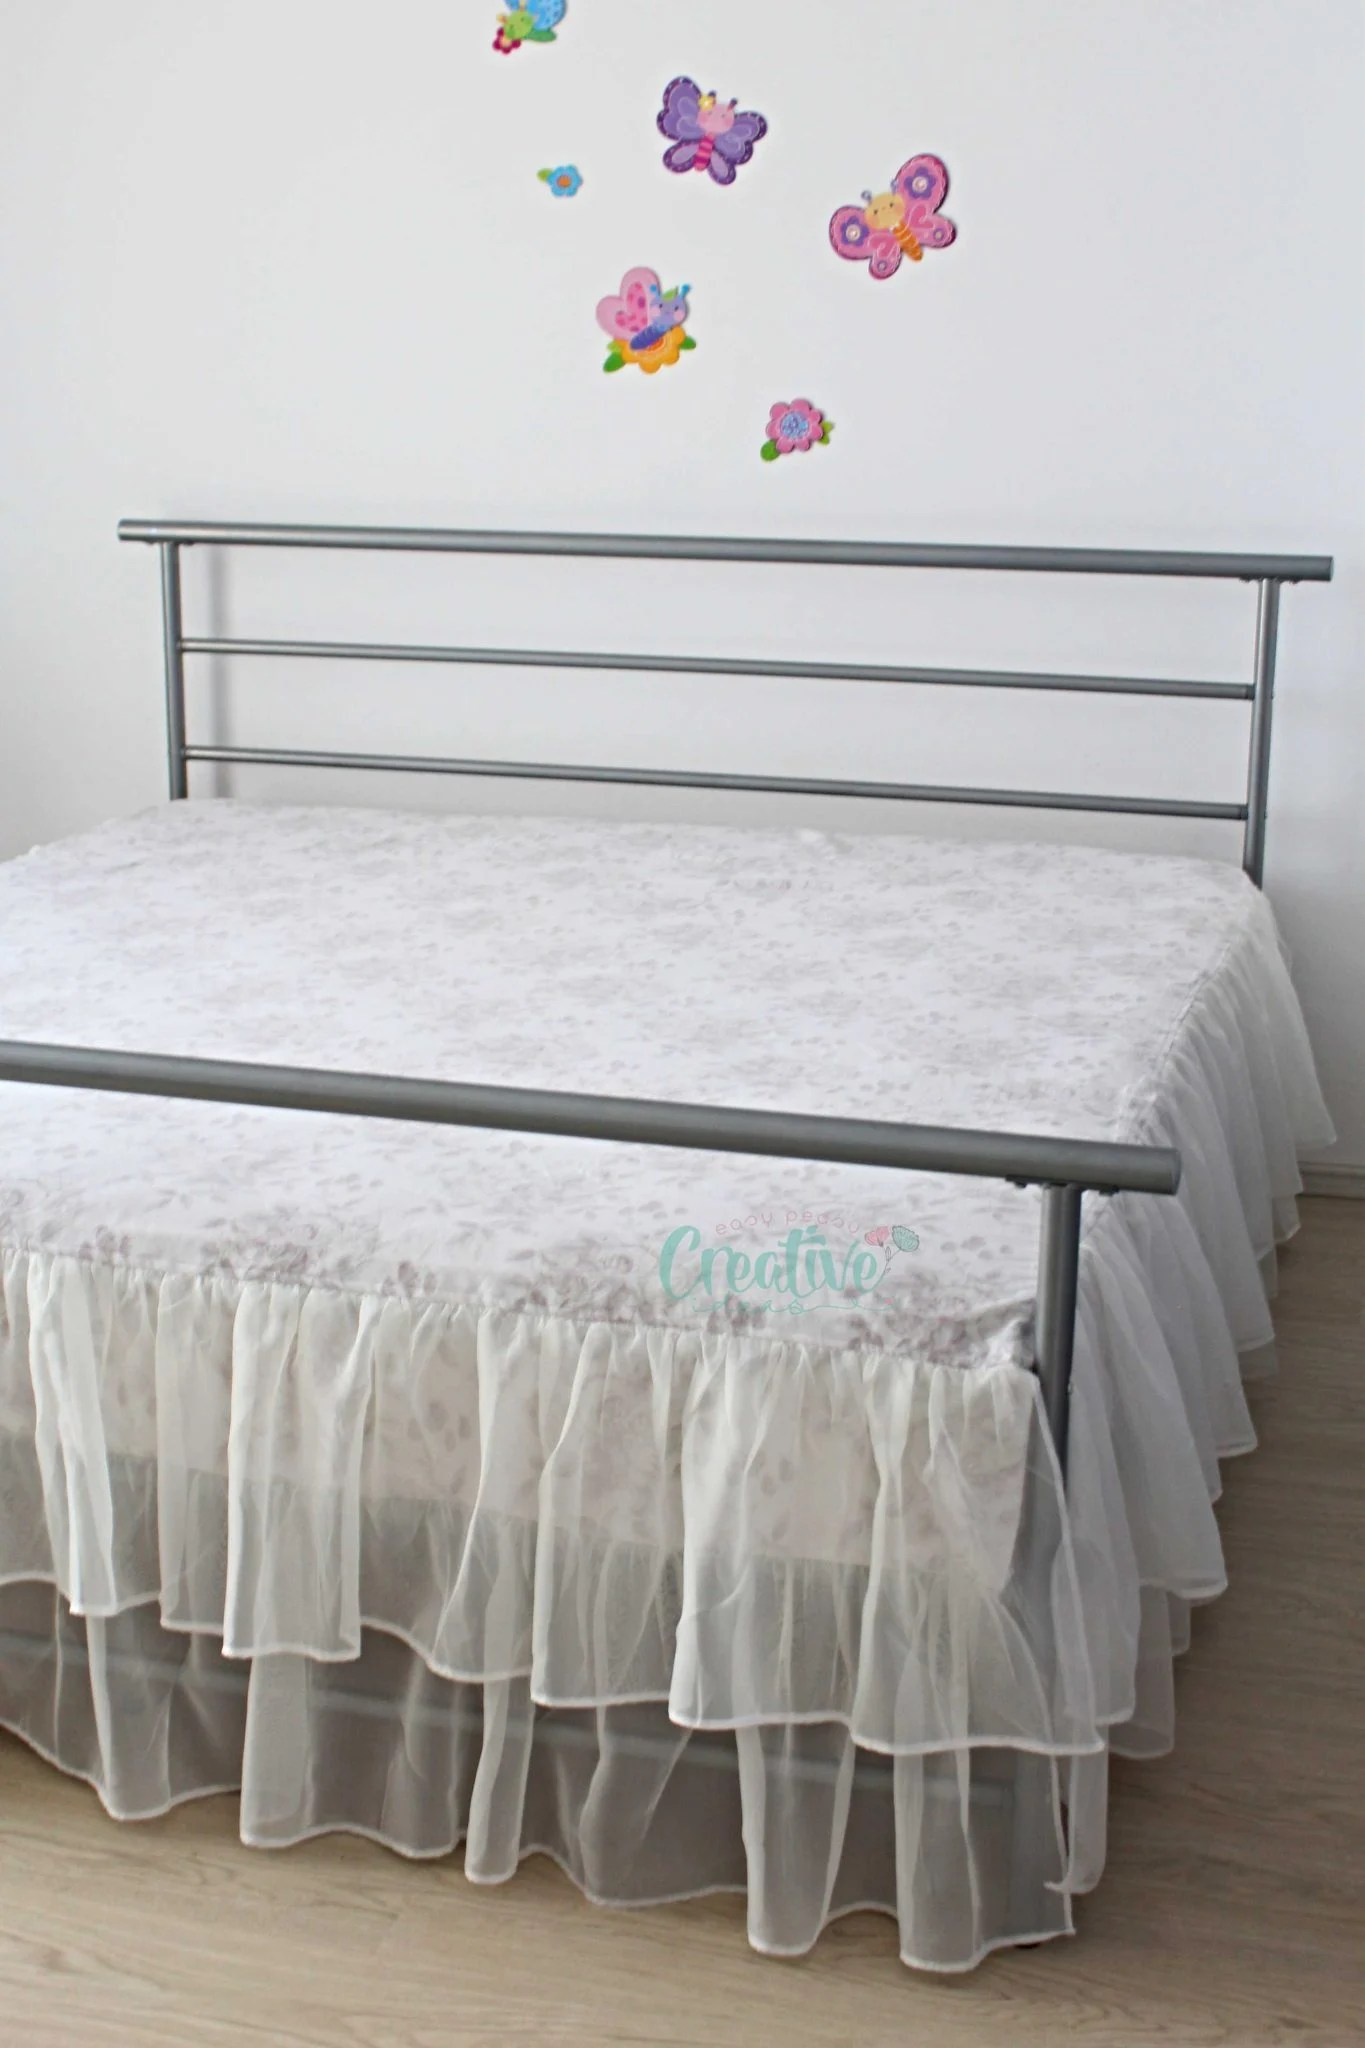 ruffled bed skirt